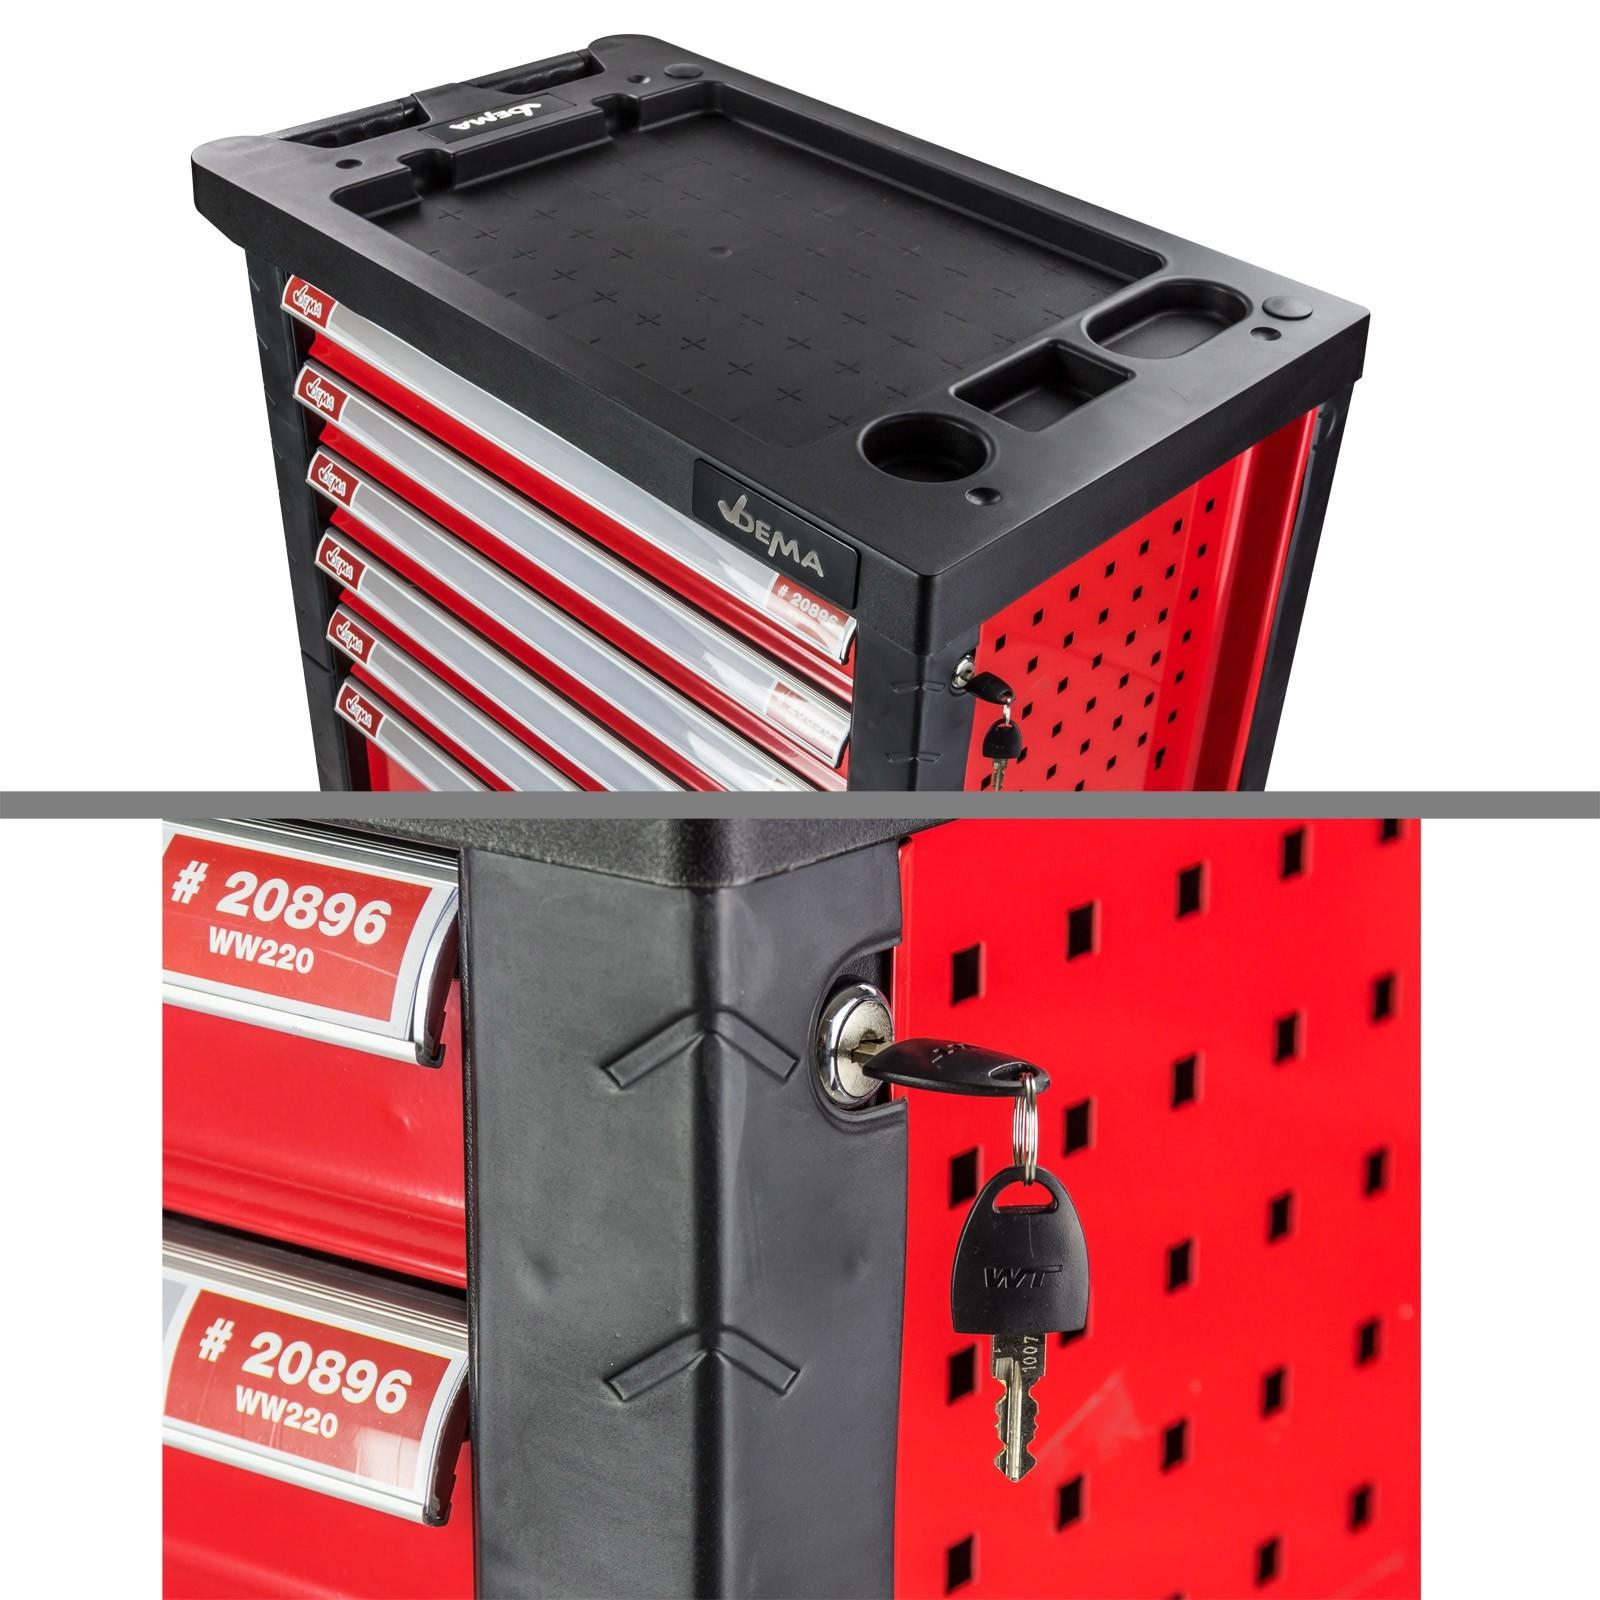 werkstattwagen werkzeugwagen best ckt mit werkzeug 220. Black Bedroom Furniture Sets. Home Design Ideas